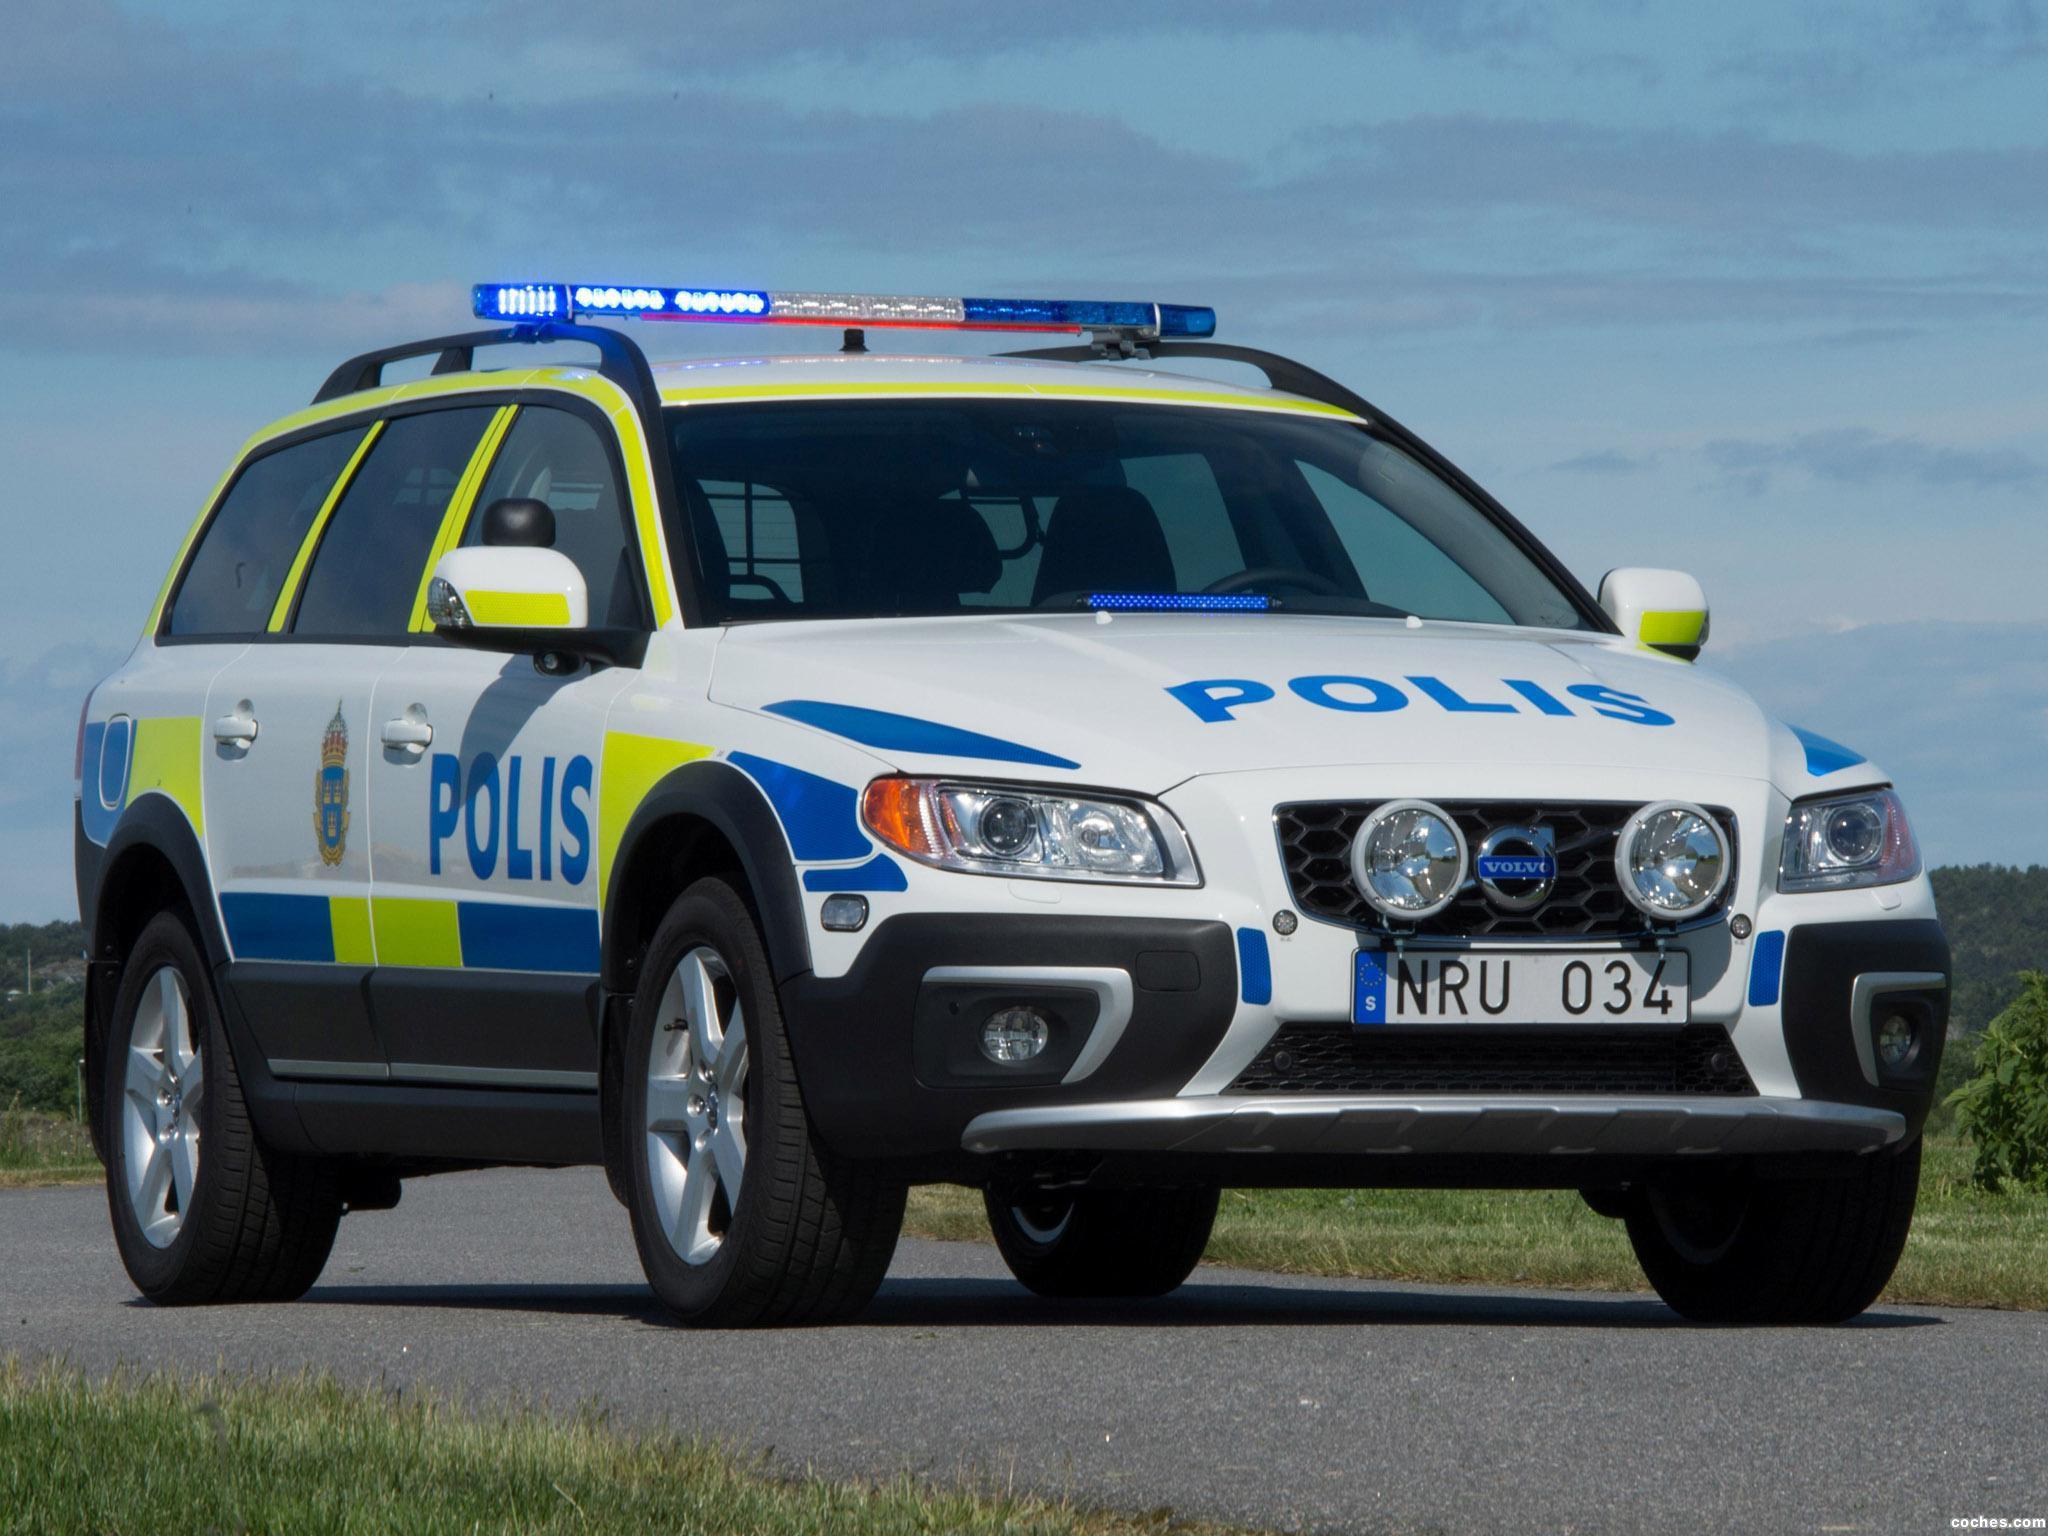 Foto 0 de Volvo XC70 Police 2013